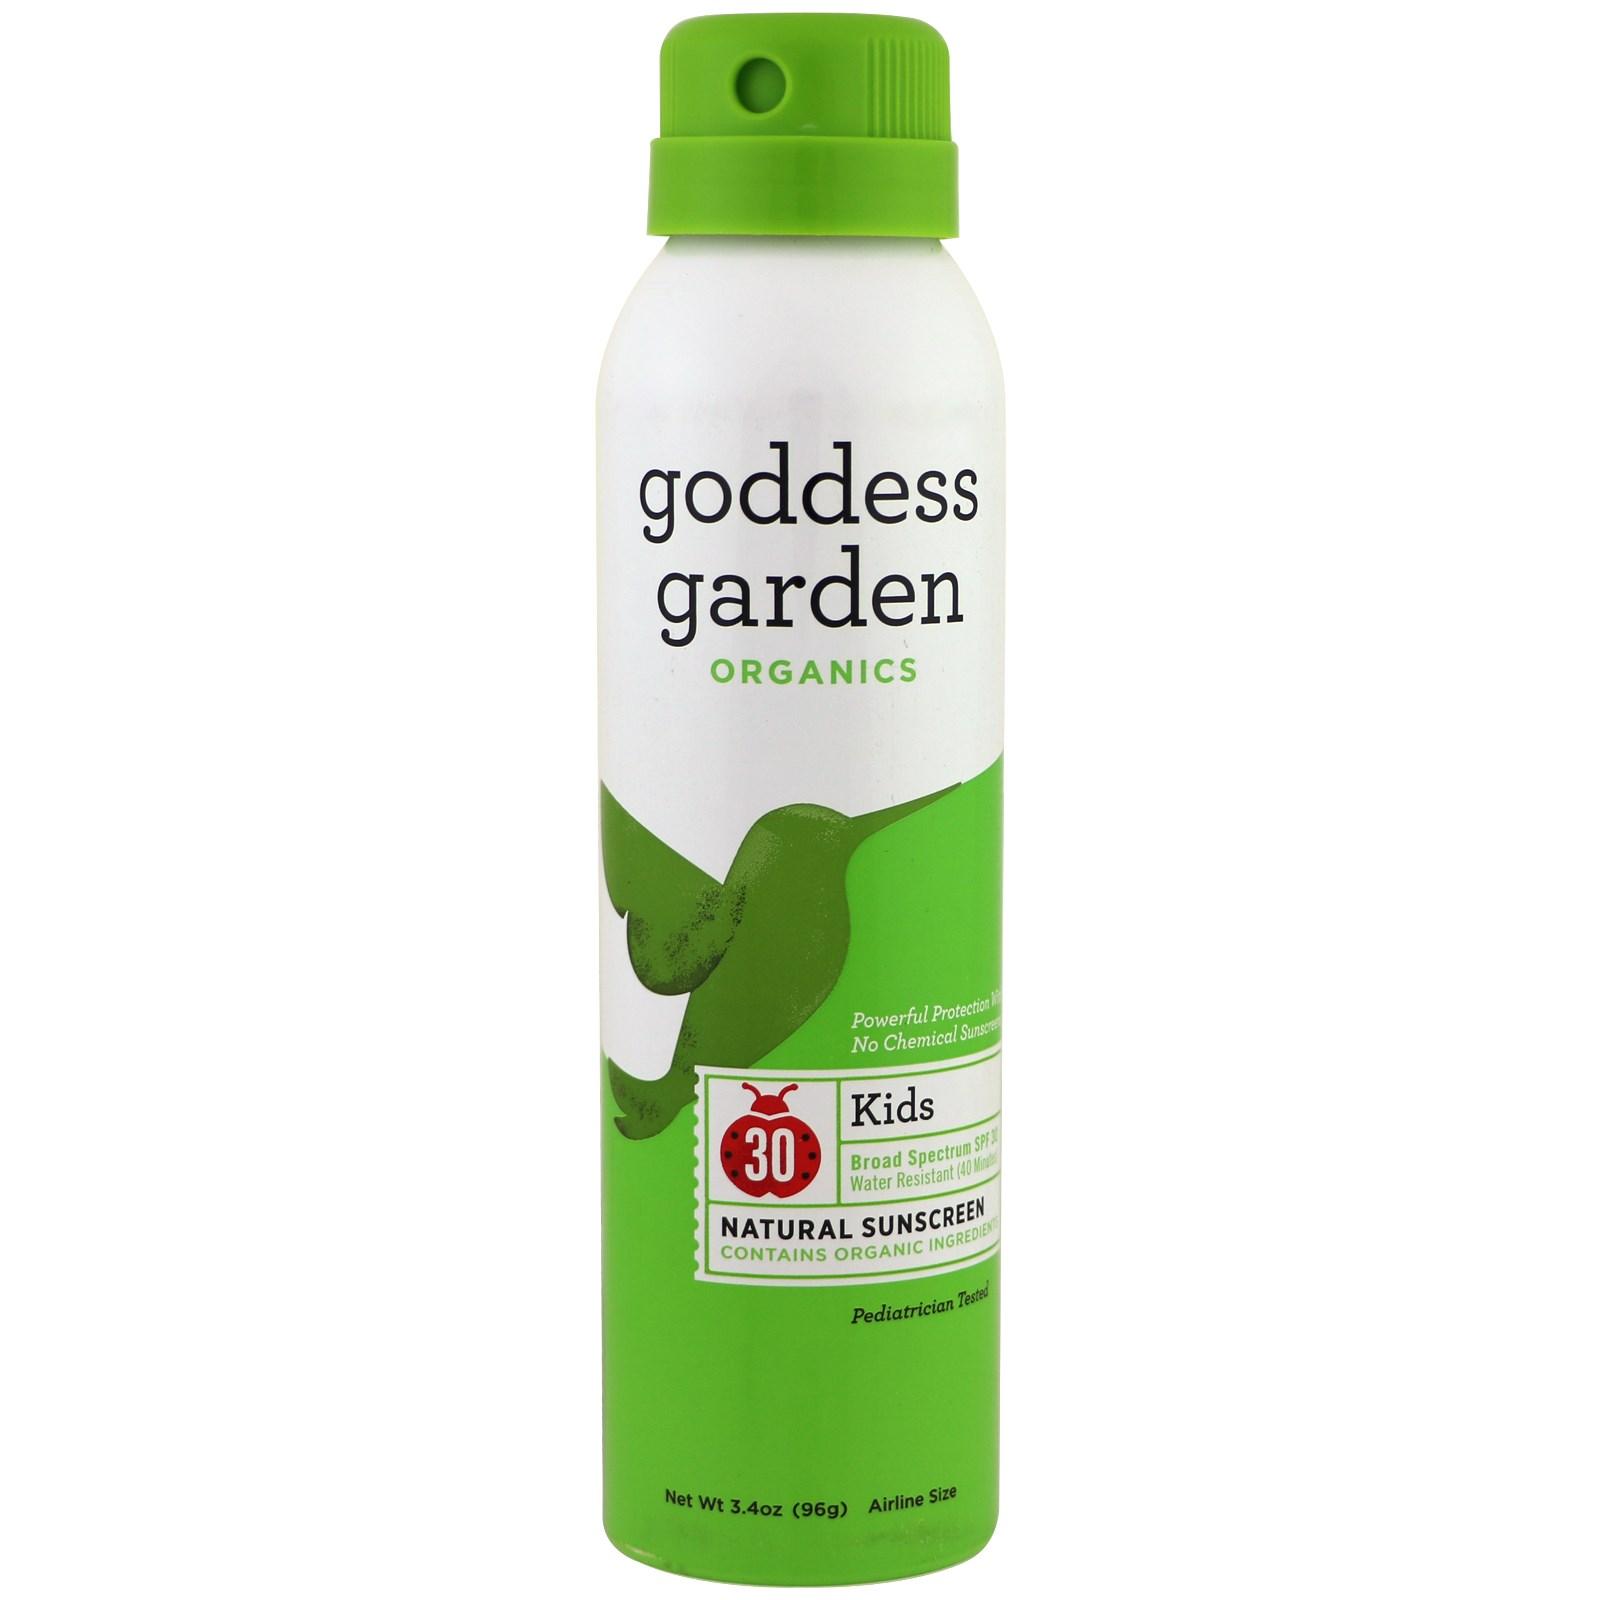 Goddess Garden, Organics, Kids, Everyday Natural Sunscreen, SPF 30, 3.4 oz